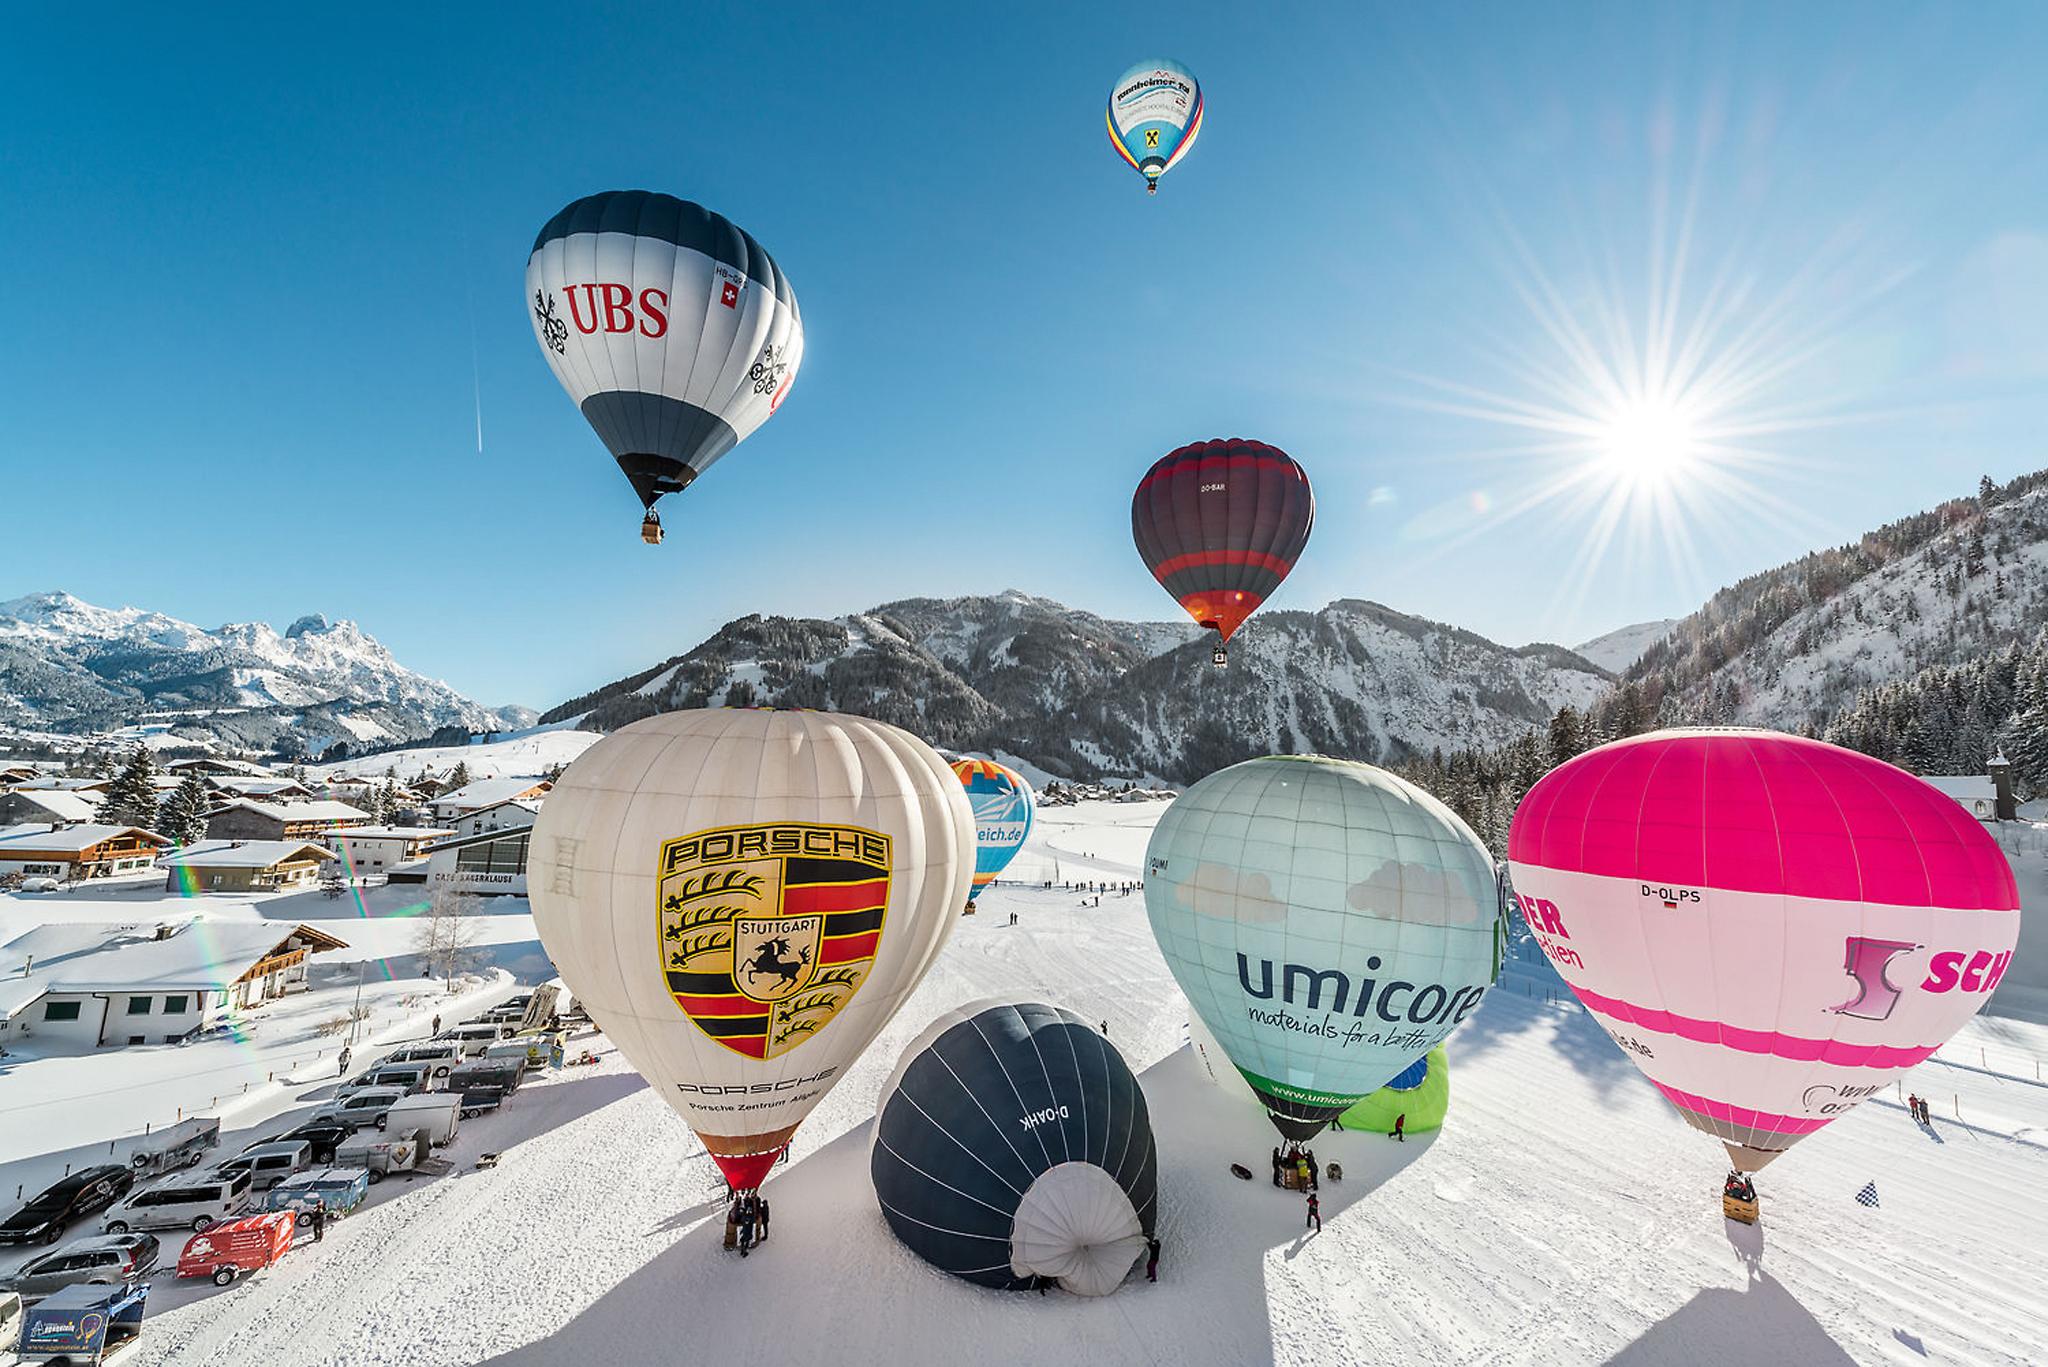 Das Internationale Ballonfestival findet vom 13. bis 28. Januar 2018 statt. © Achim Meurer